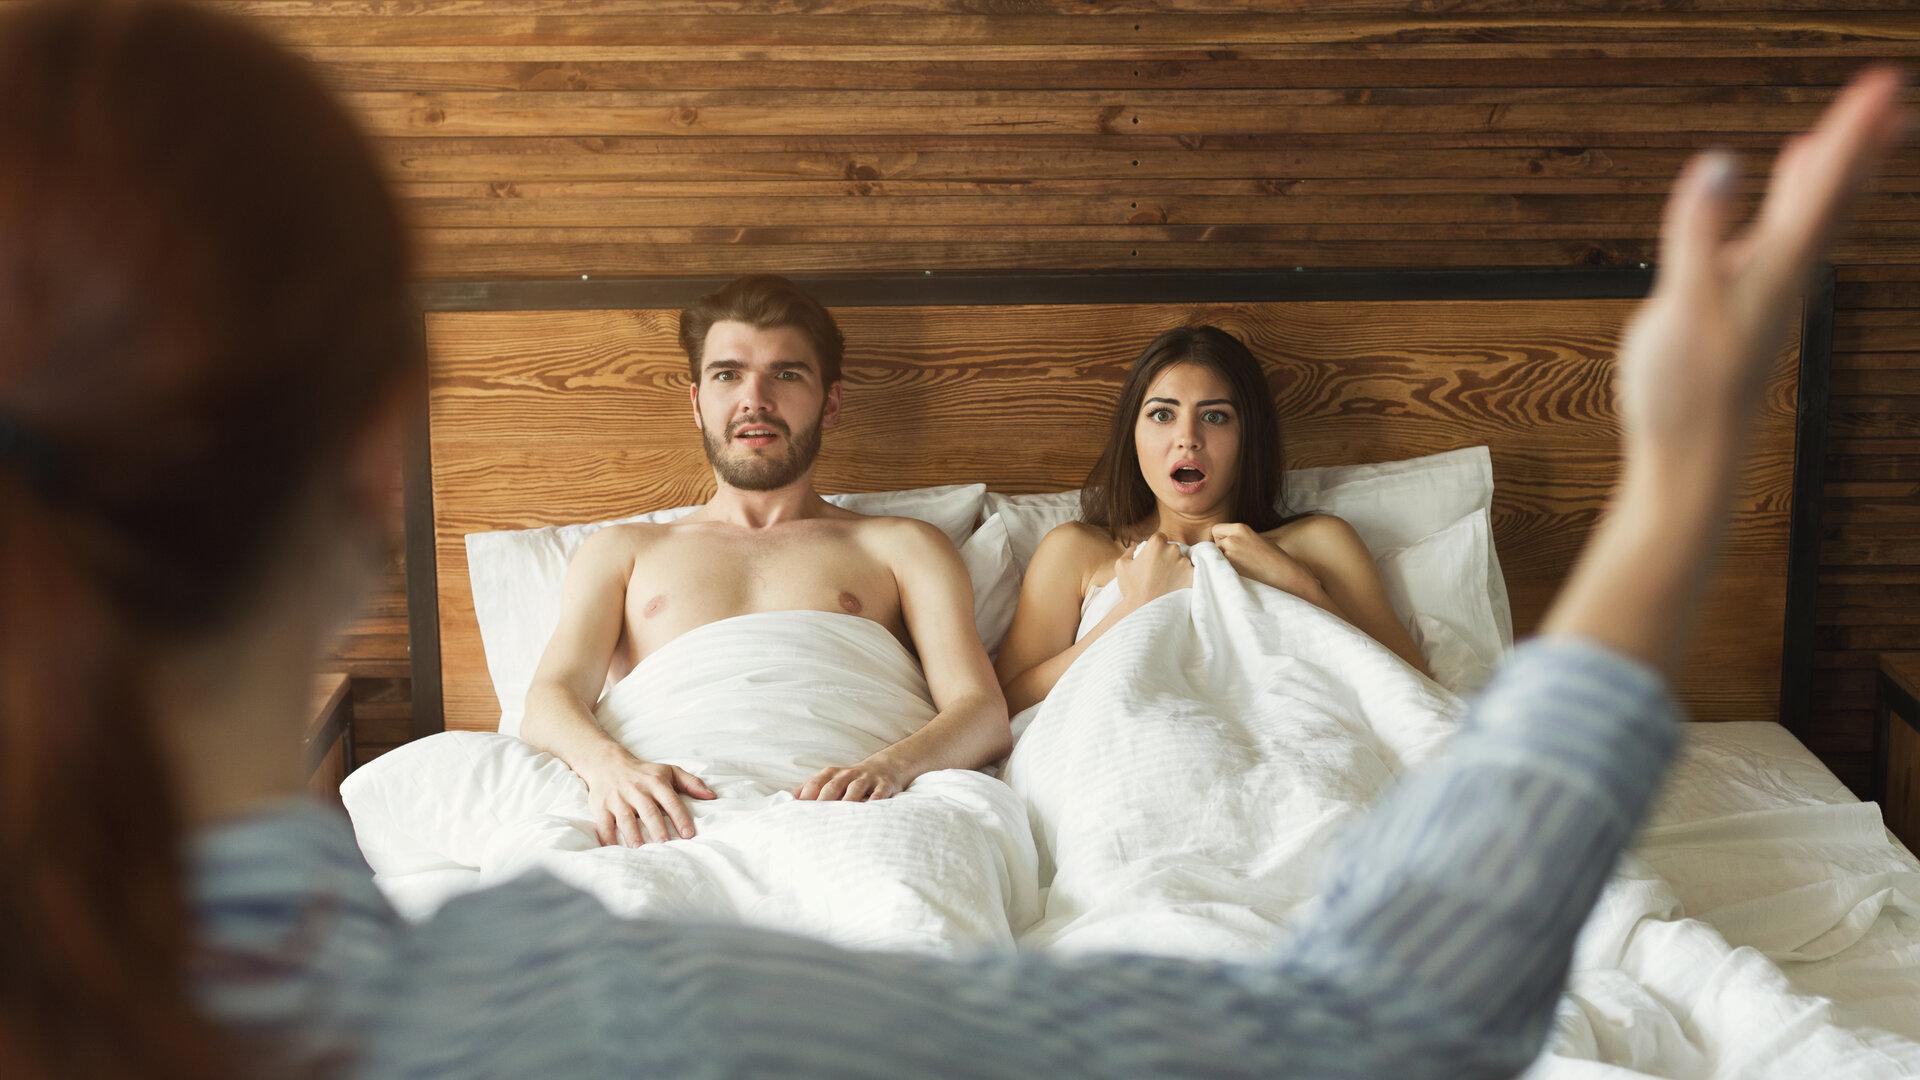 A chaque culture sa manière de percevoir la sexualité